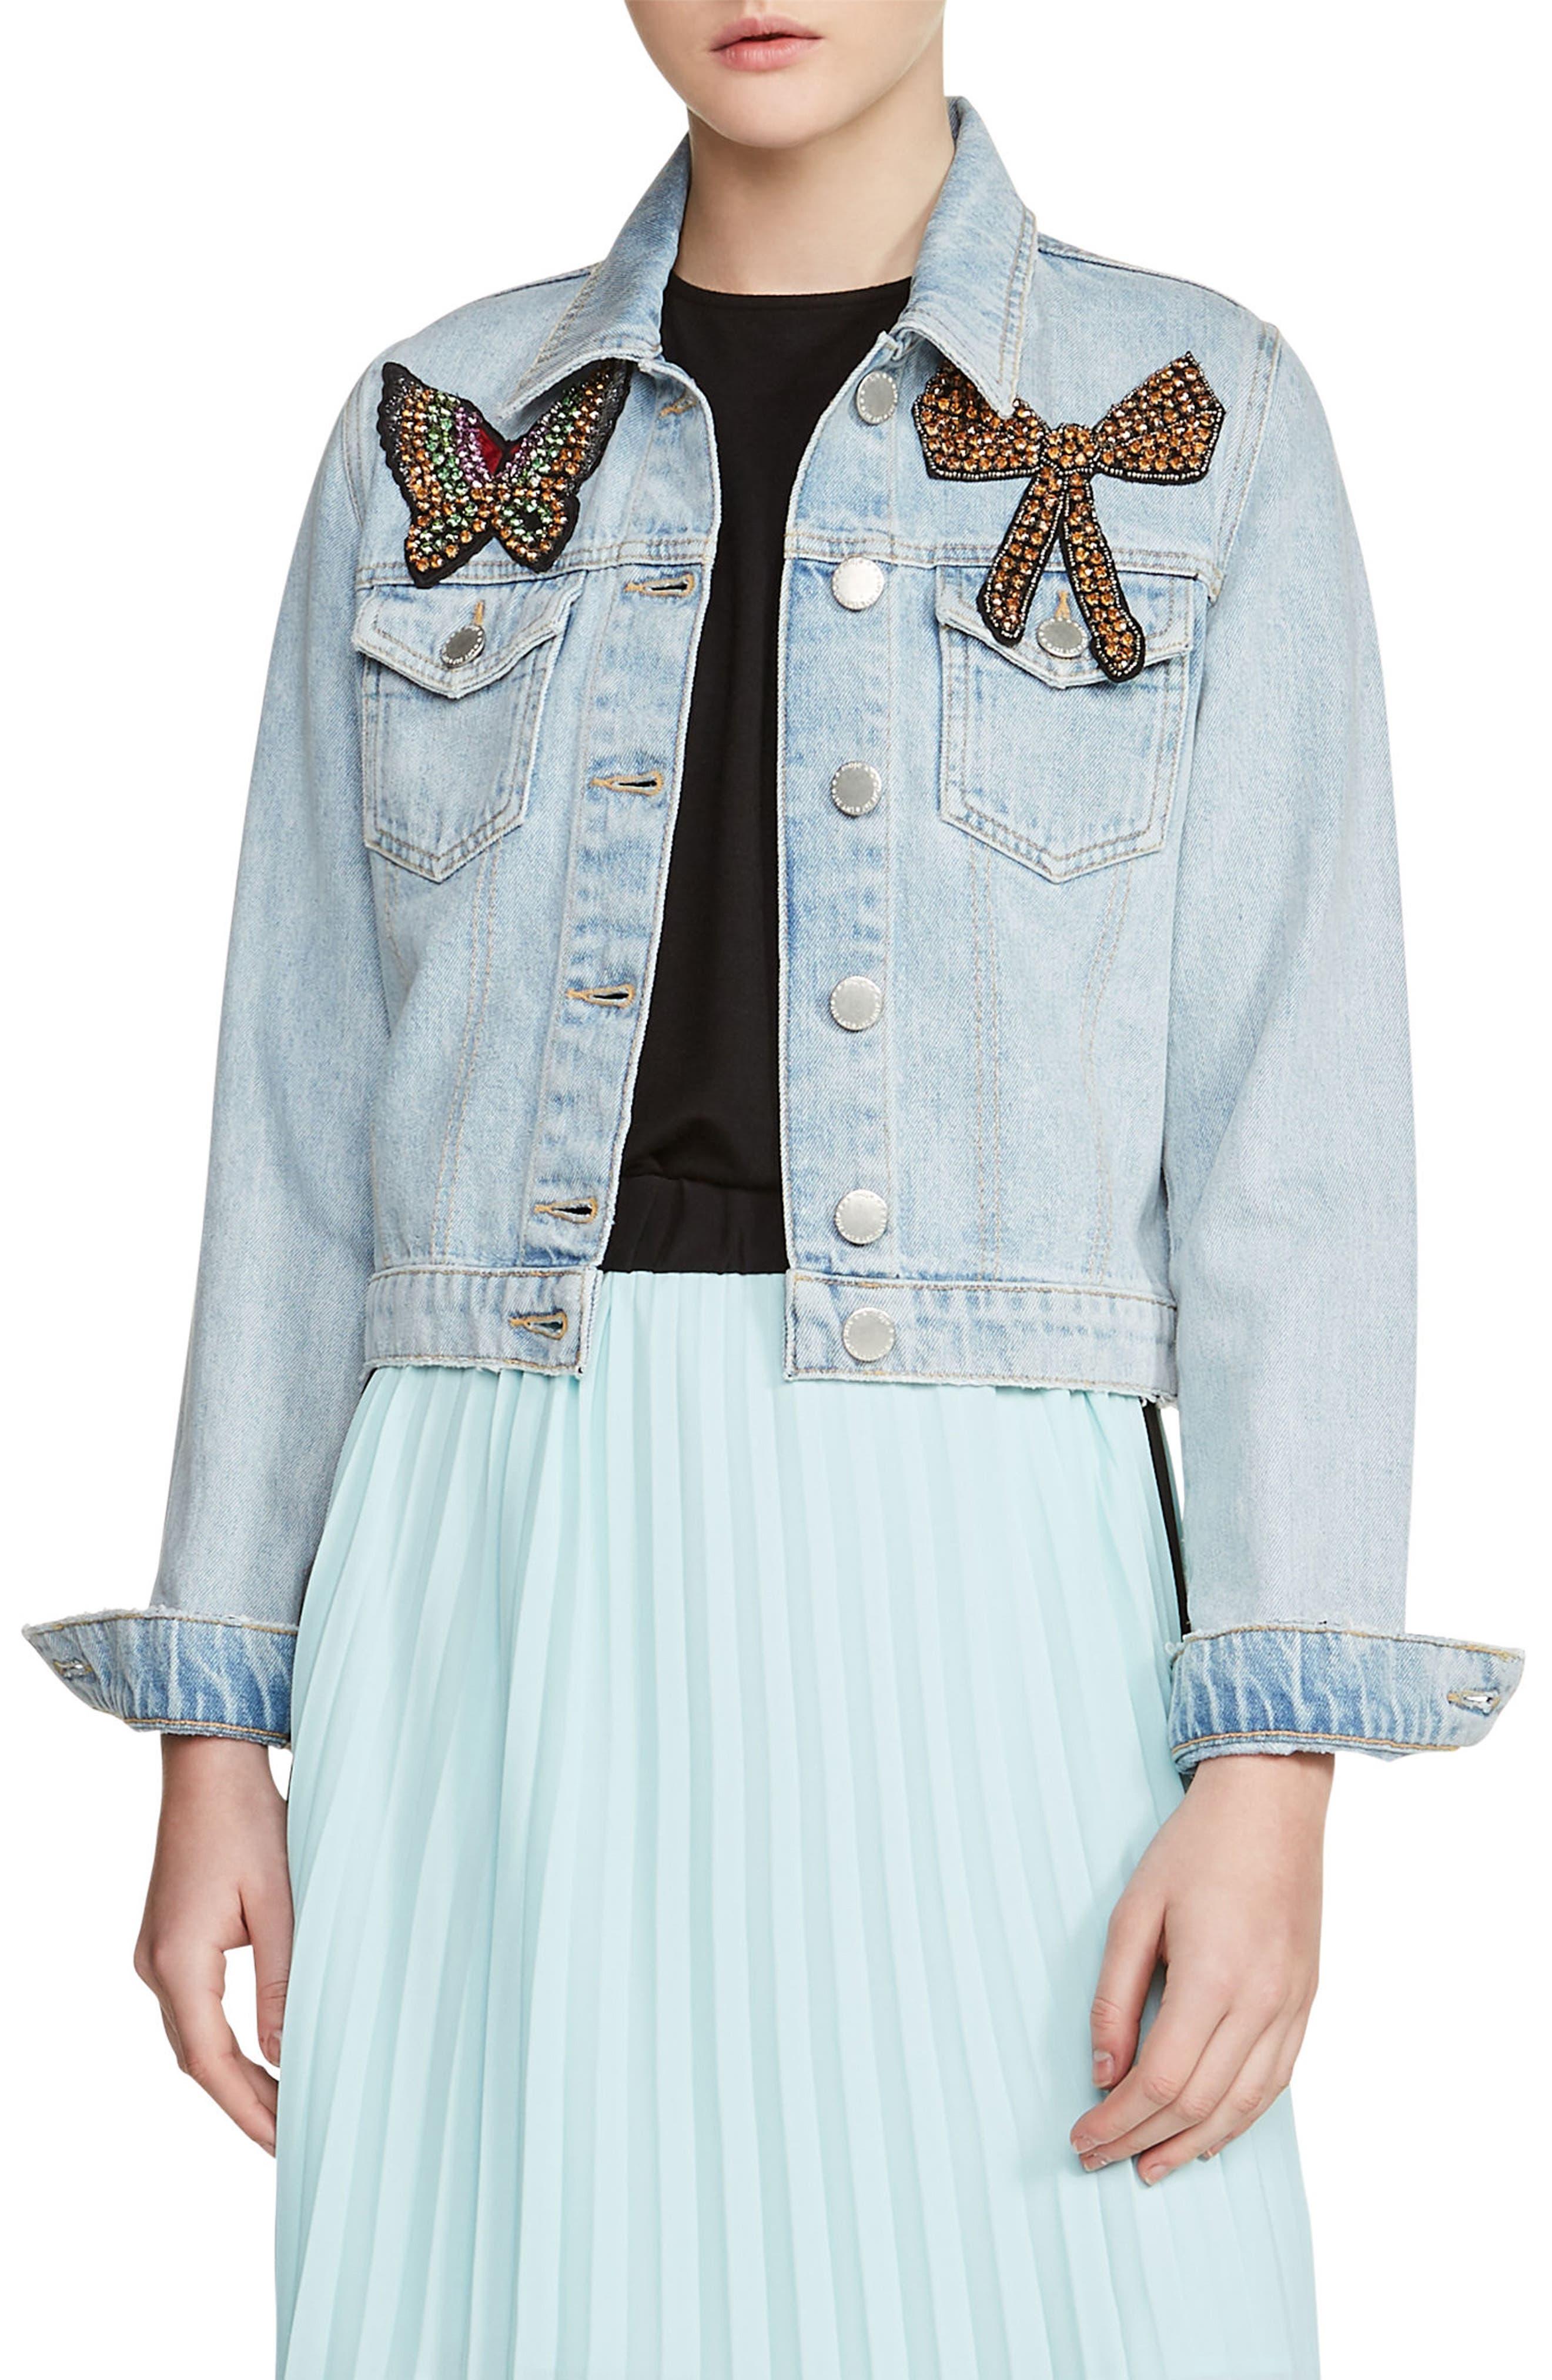 Vivou Embellished Denim Jacket,                         Main,                         color, Blue